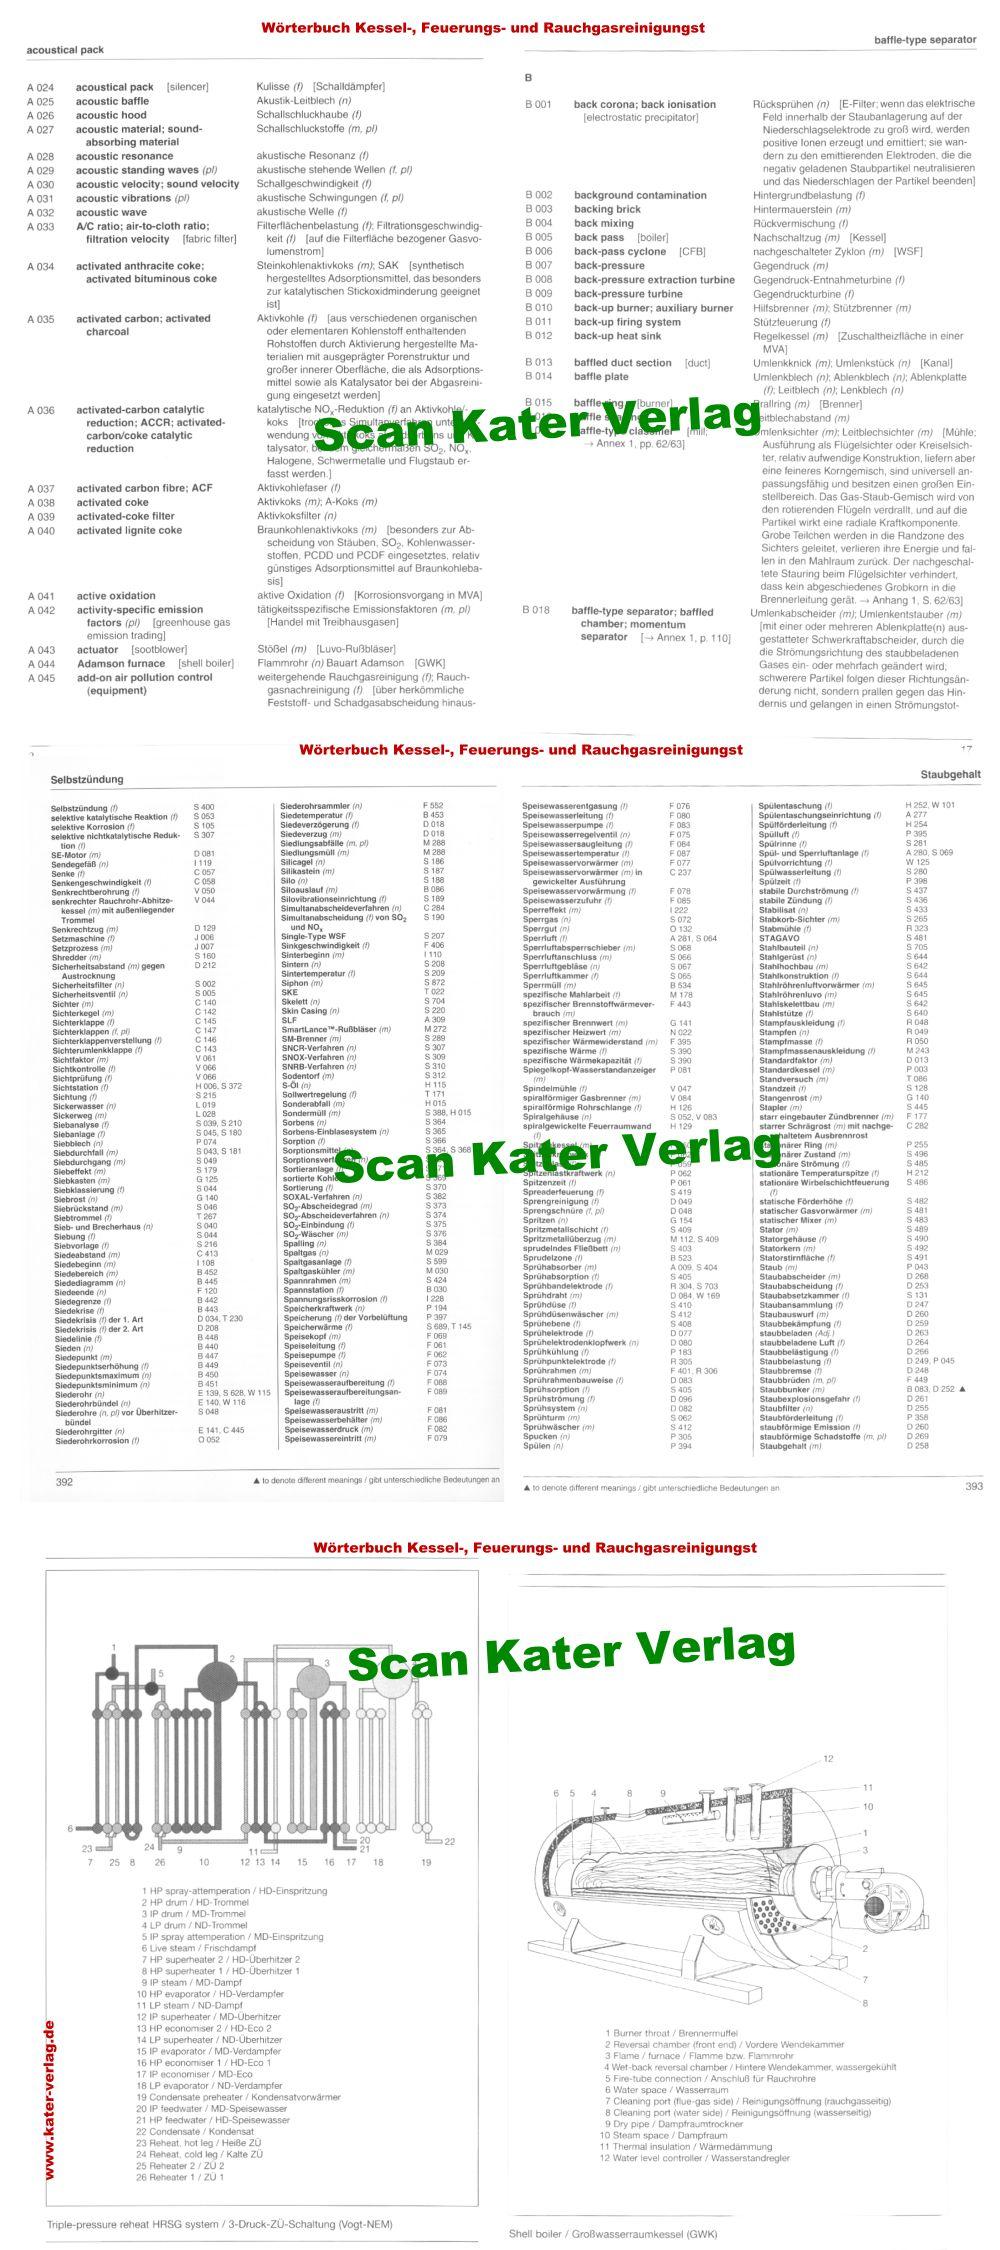 Wörterbuch der Kessel-, Feuerungs- und Rauchgasreinigungstechnik DE-EN, EN-DE